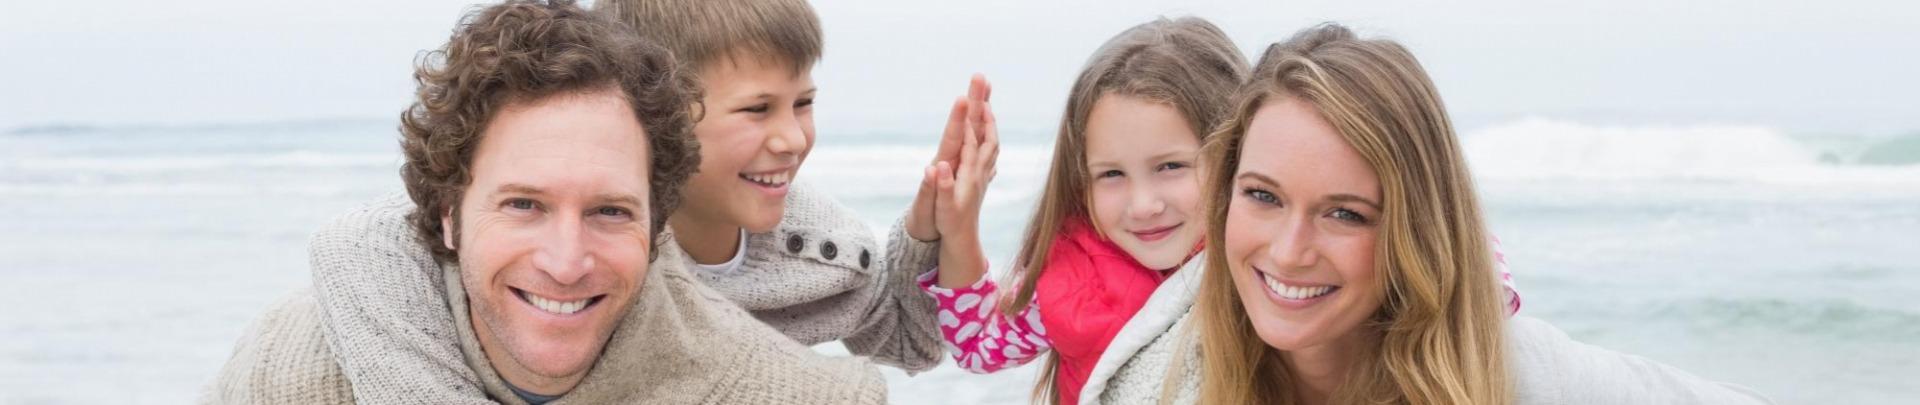 Gezin op het strand ouders met kinderen op hun rug